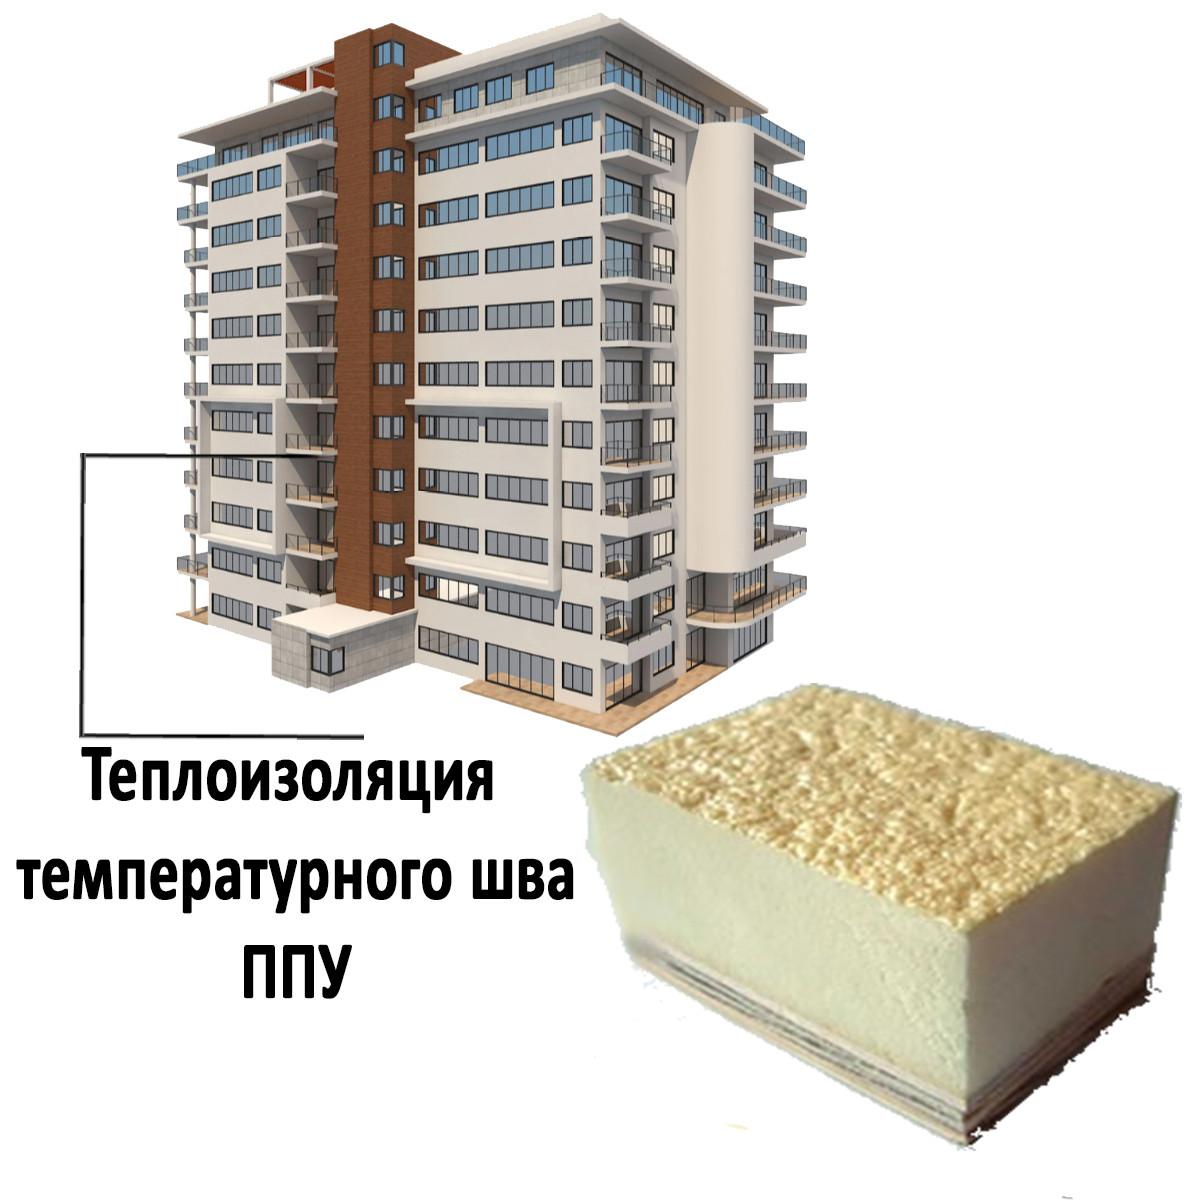 Теплоизоляция температурного (деформационного ) шва пенополиуретаном